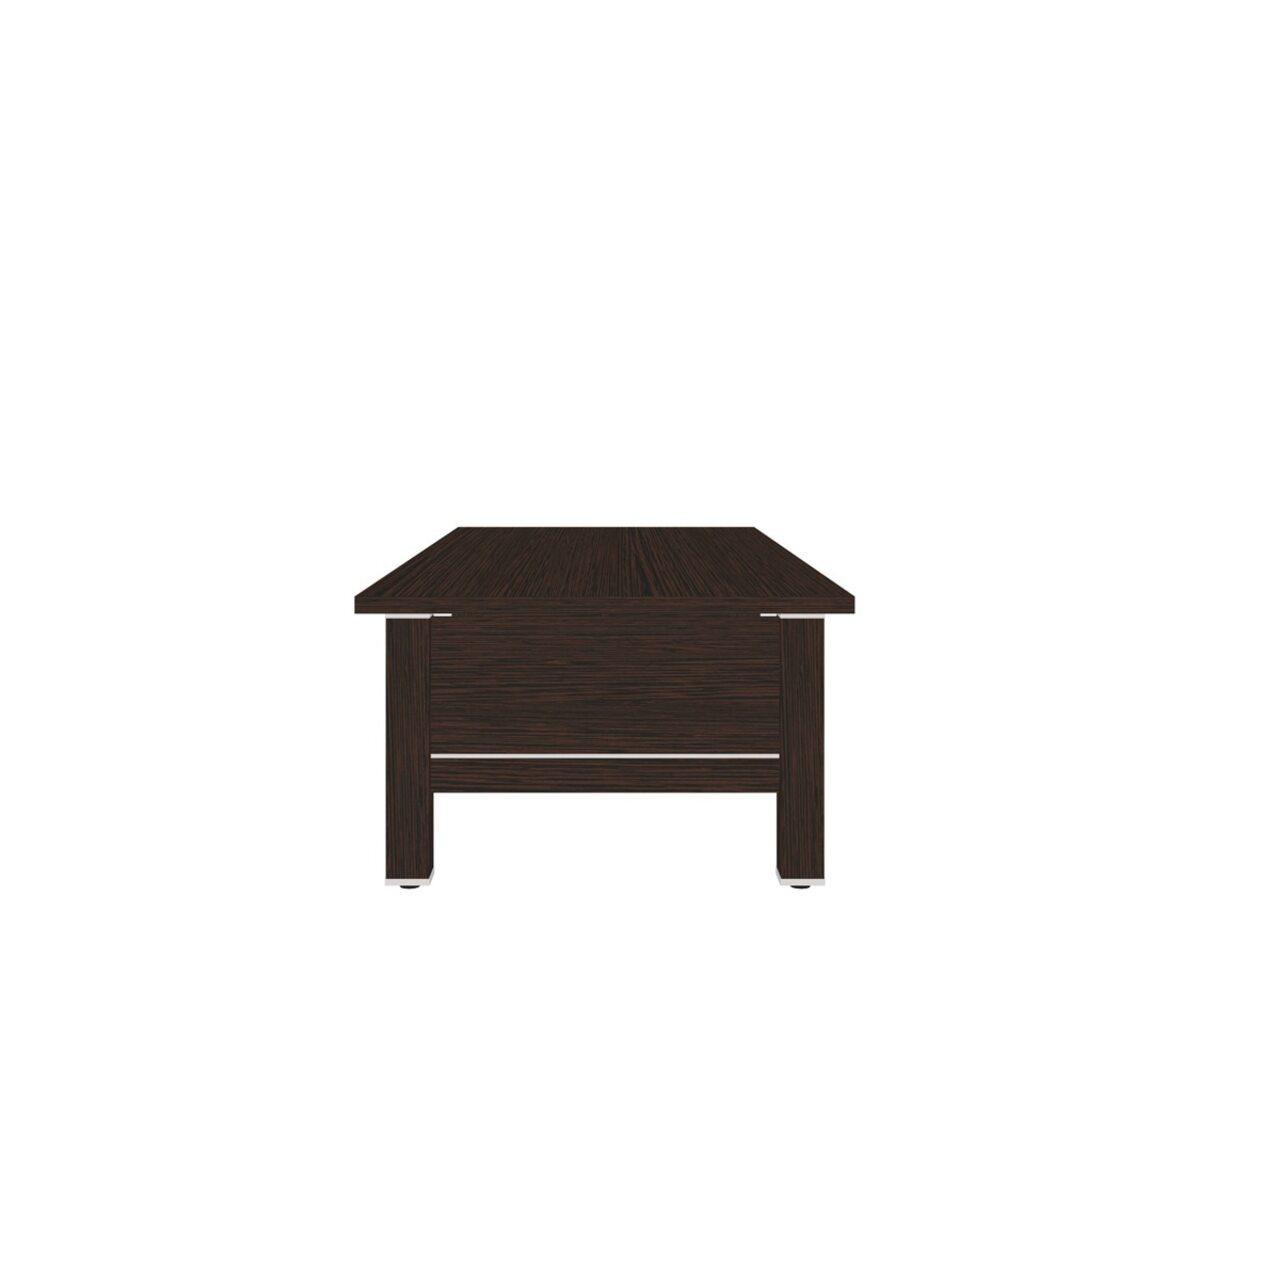 Конференц-стол Бонд 240x110x75 - фото 4